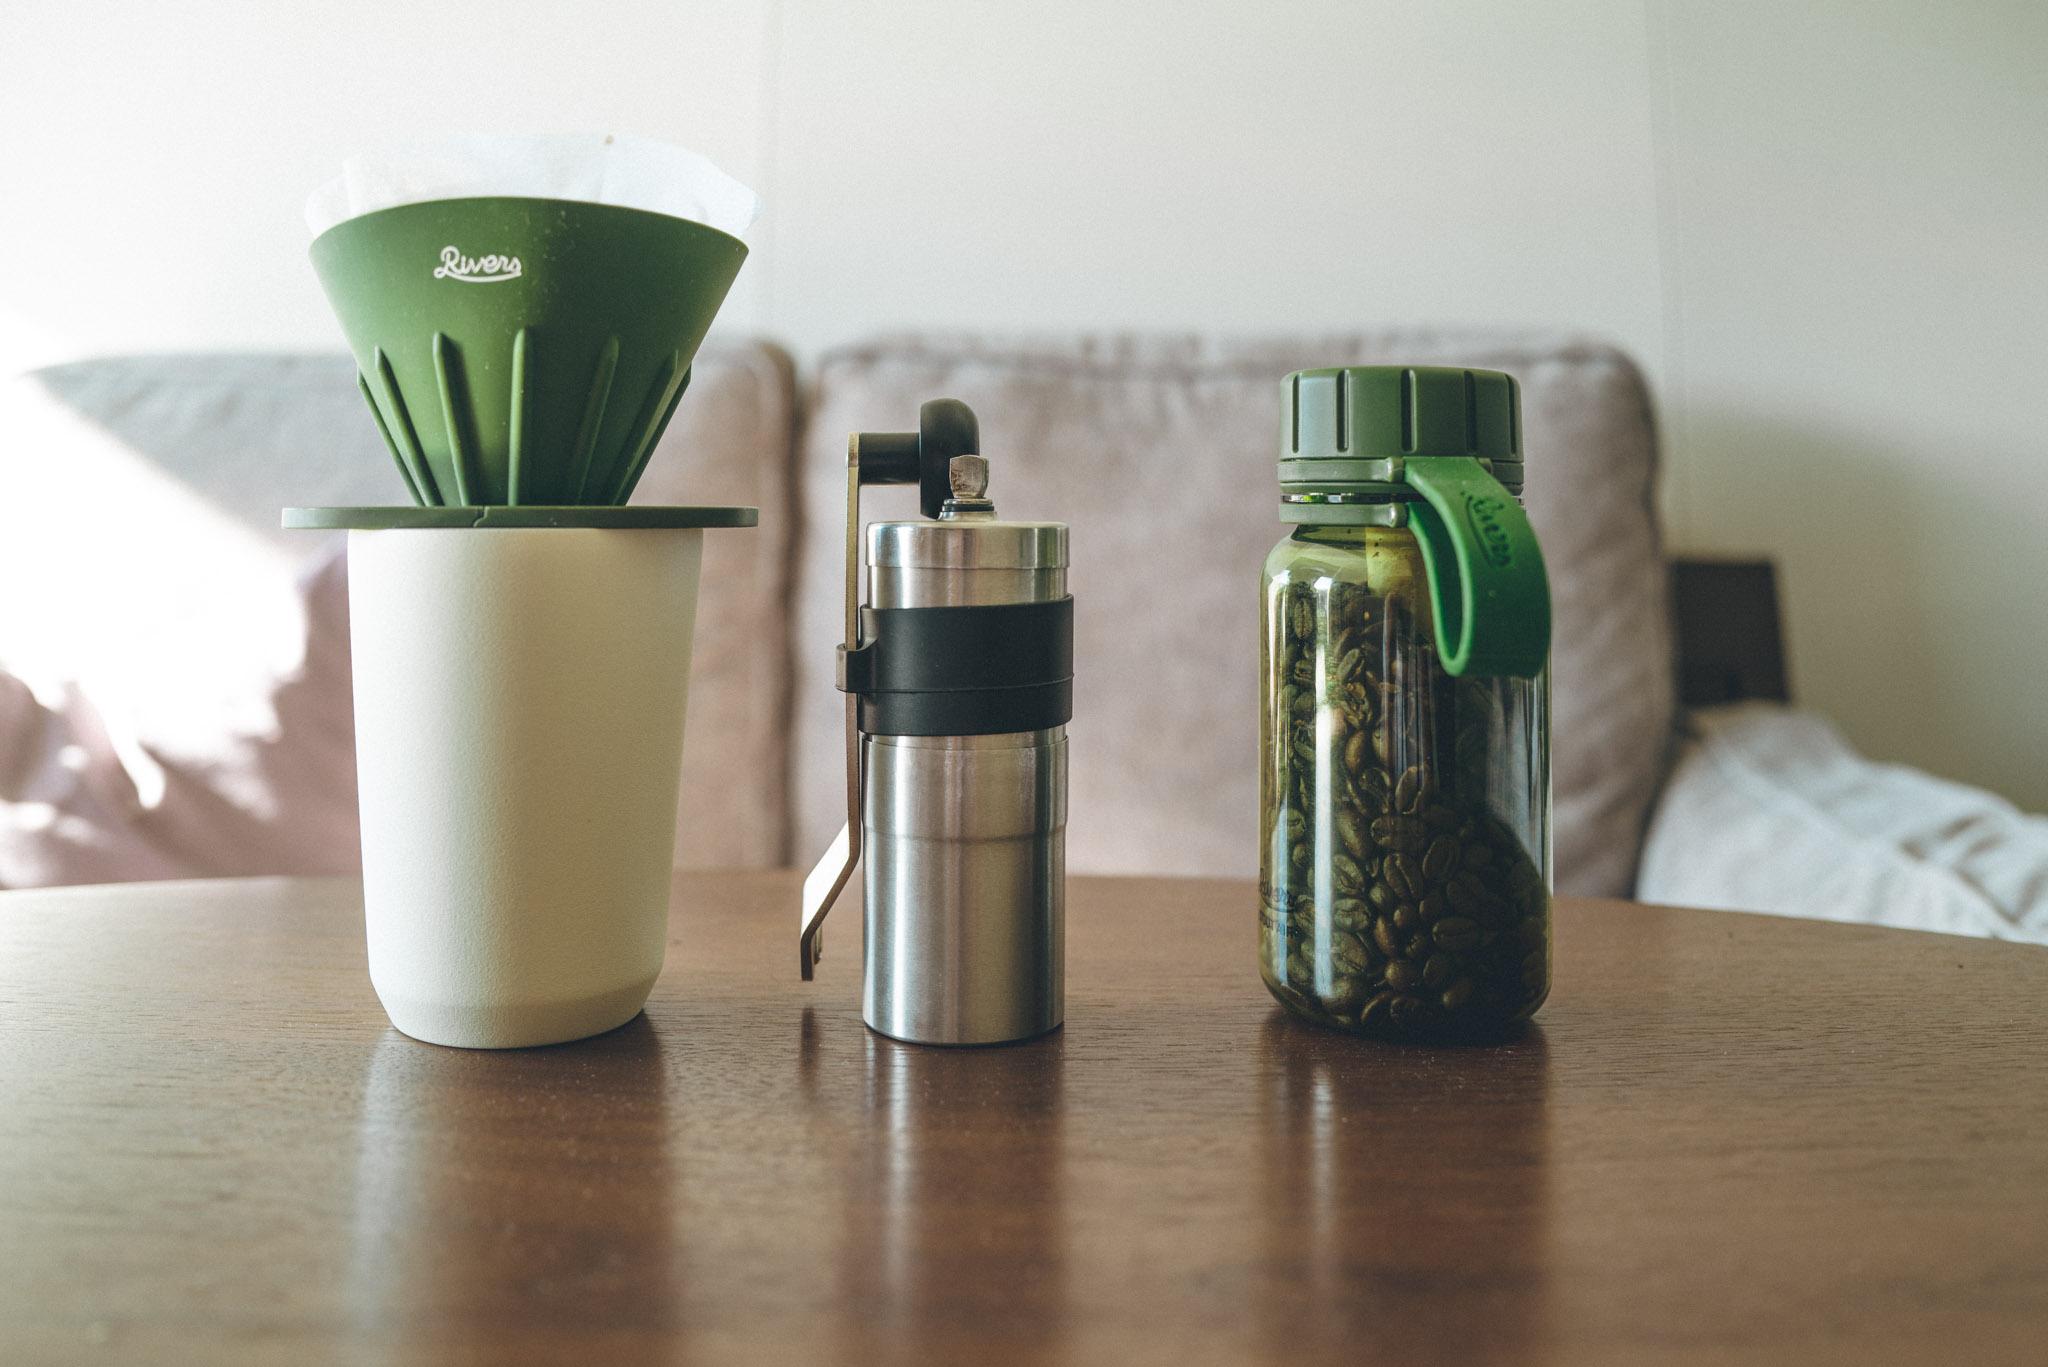 僕が愛用している旅専用のコーヒー器具 / 上質な旅時間を